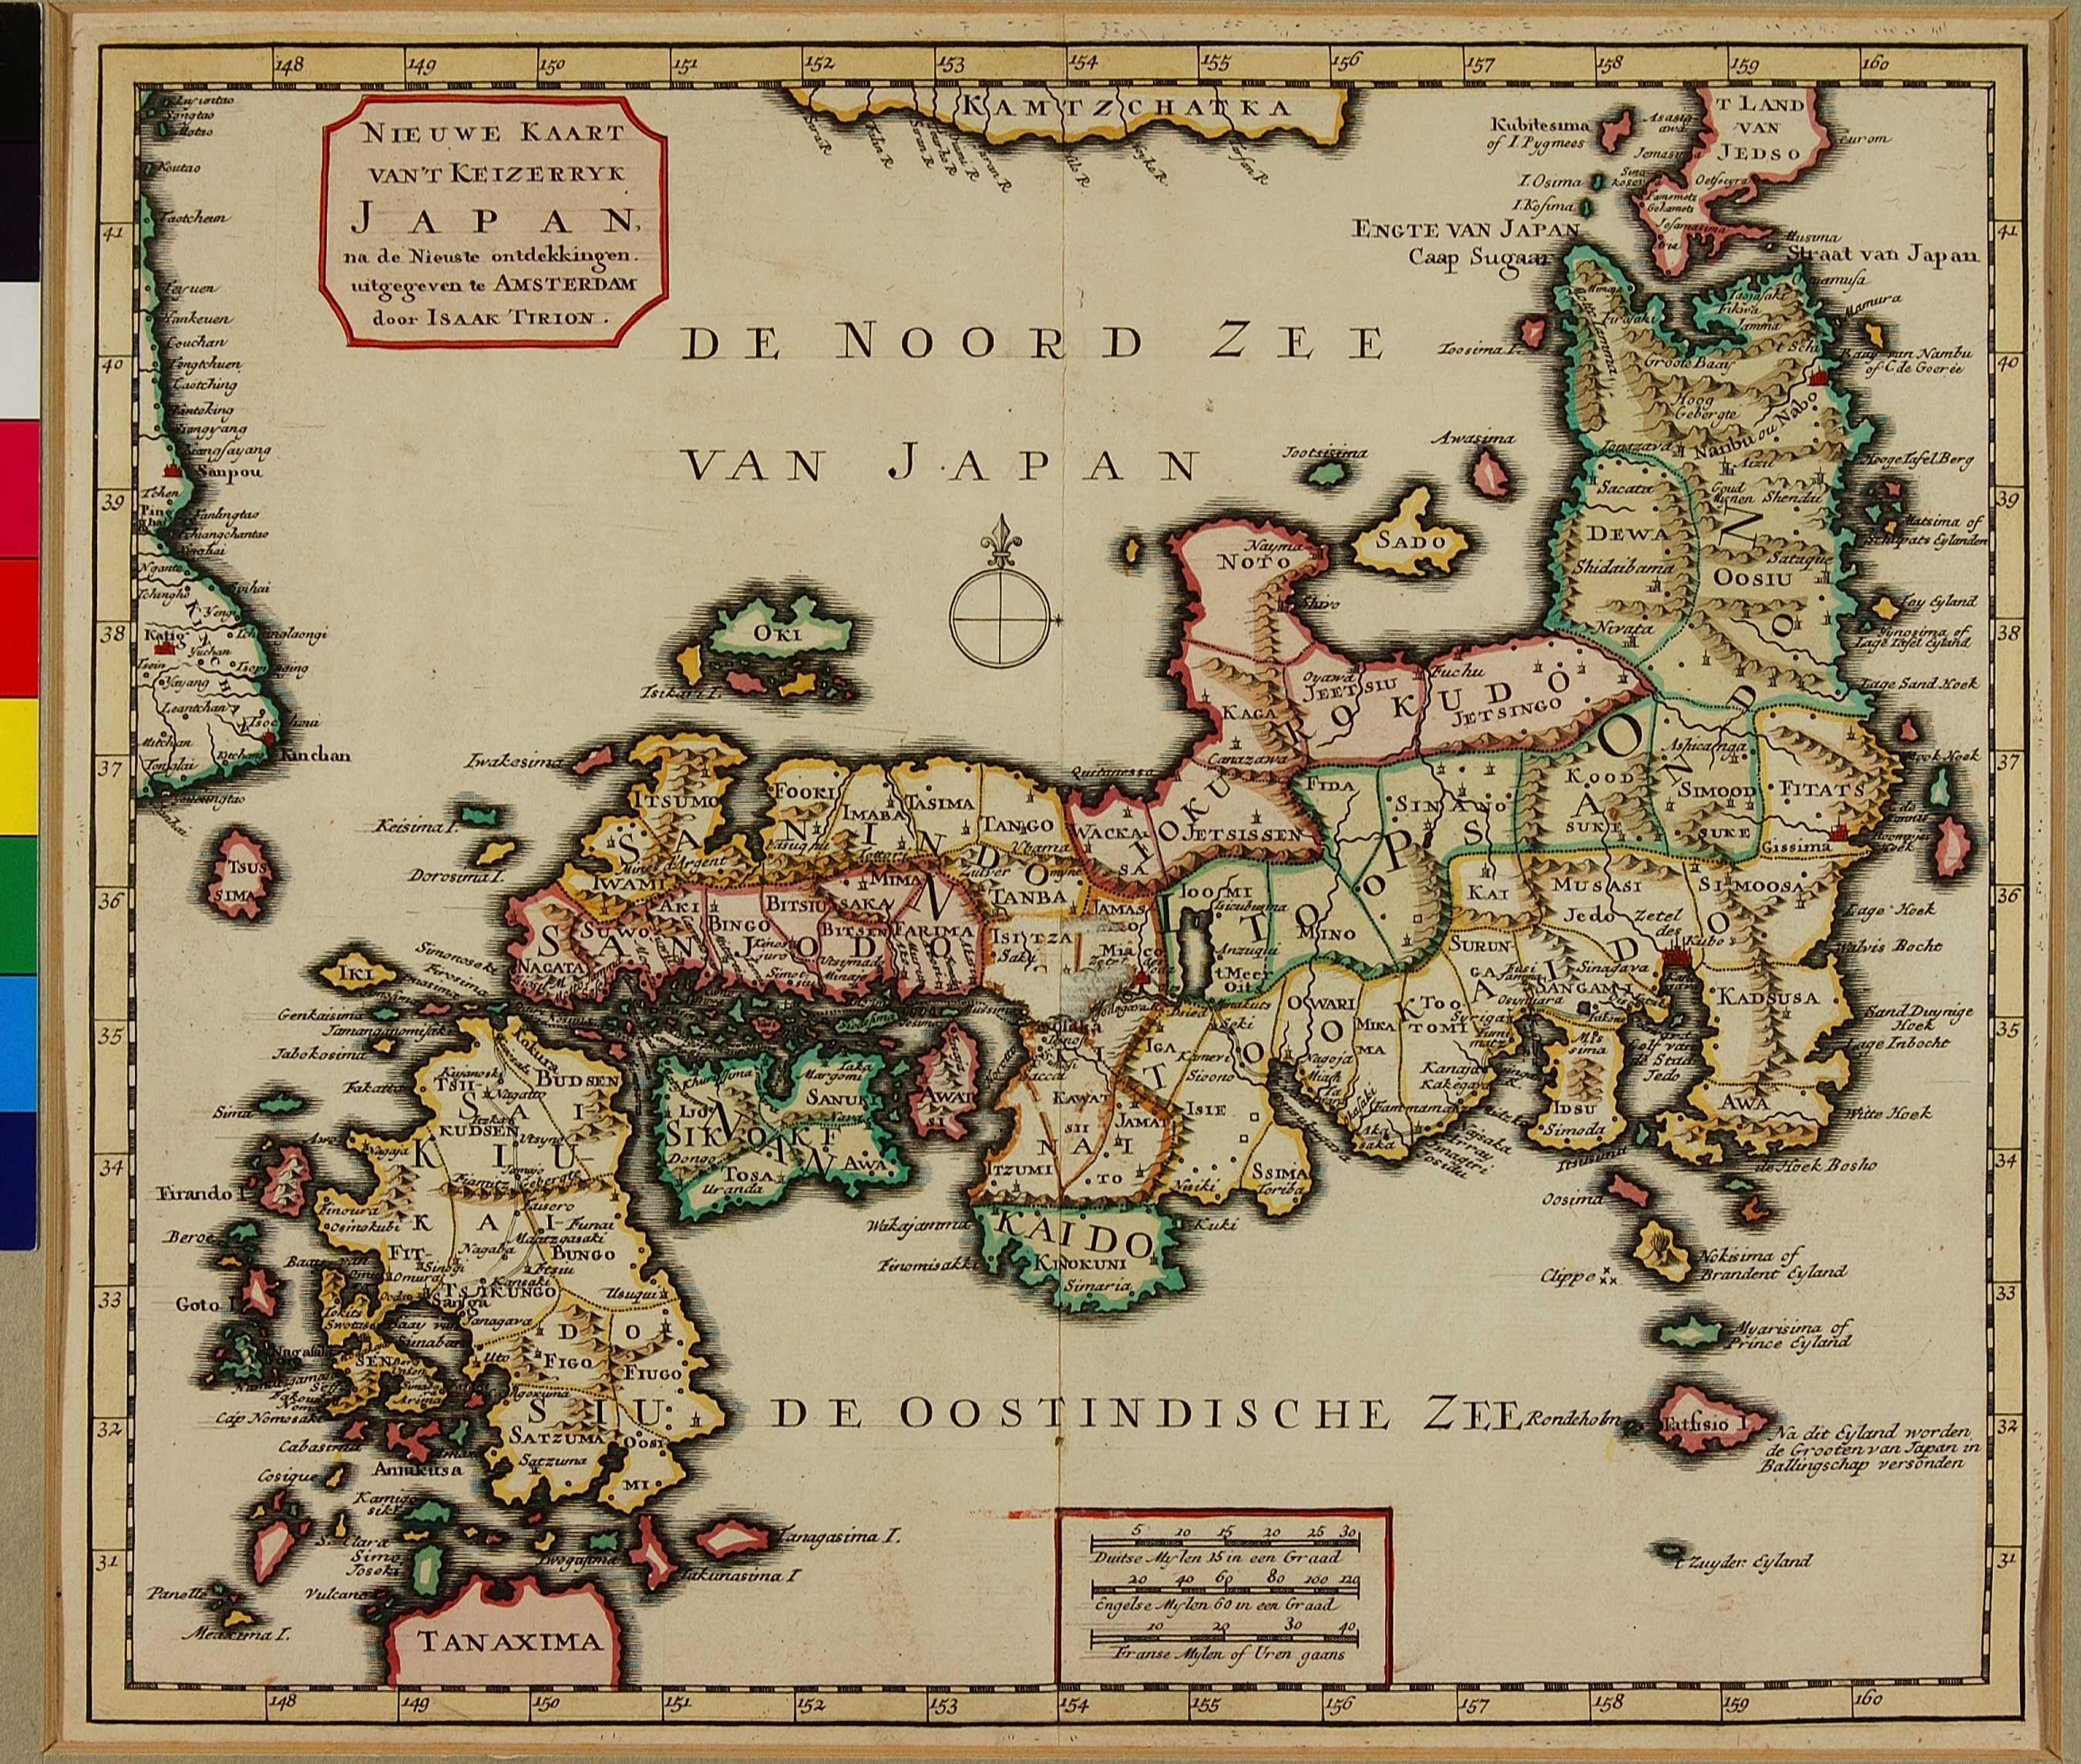 05.08 NIEUWE KAART VAN'T KEIZERRYK JAPAN (New Map of the Empire of Japan) [18]